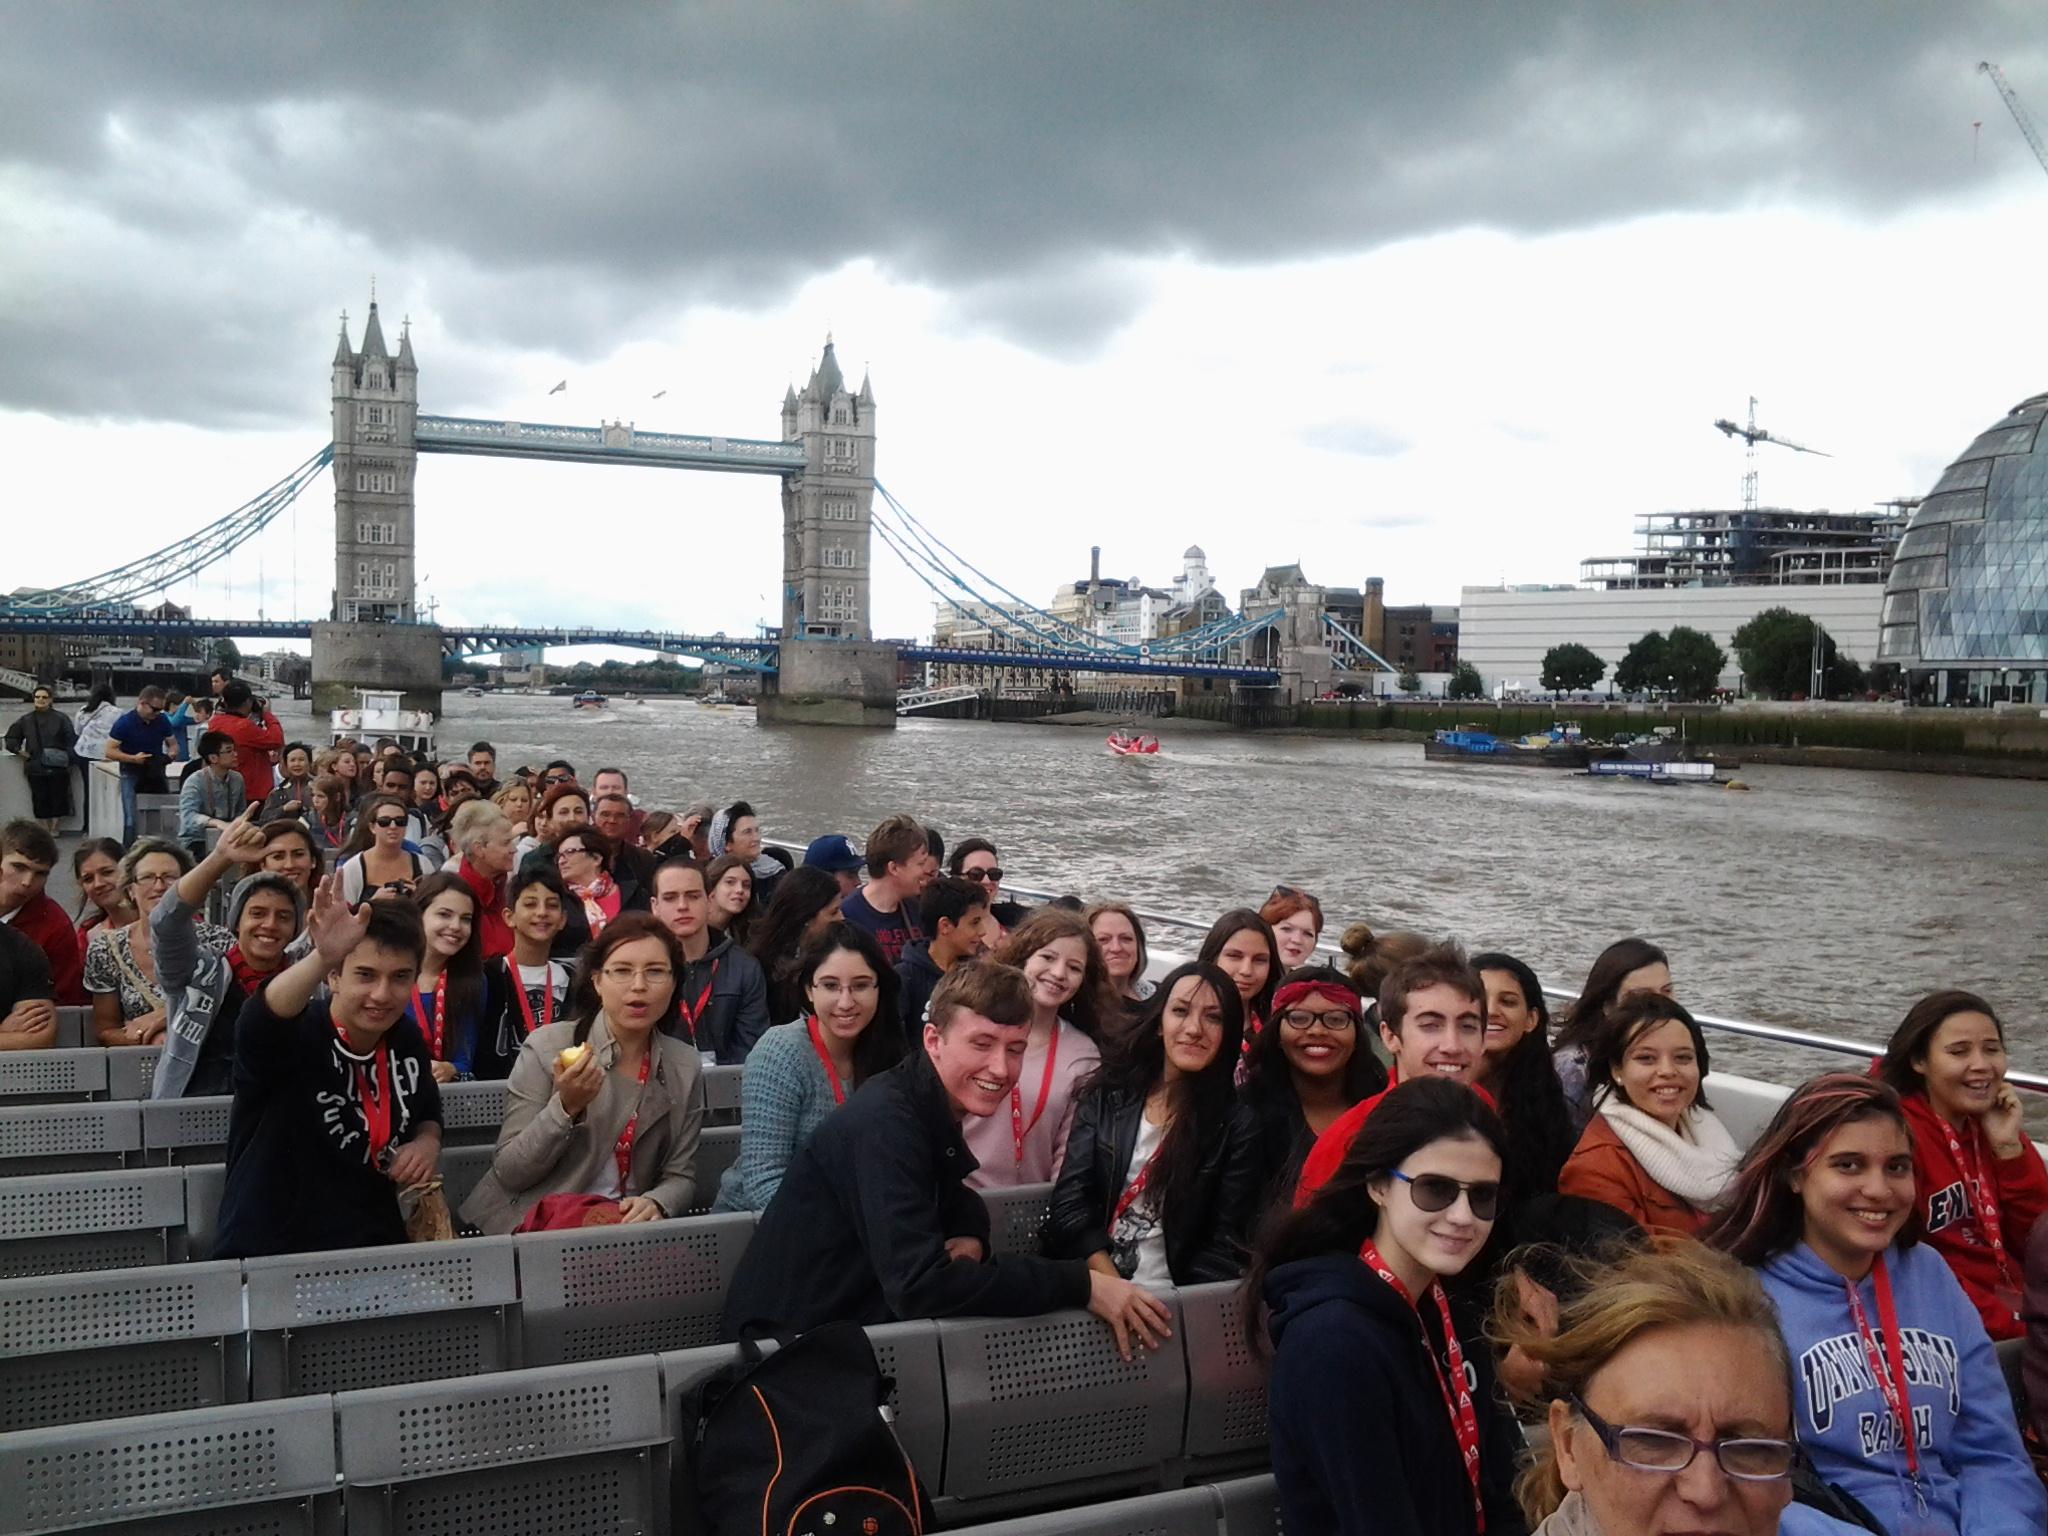 passeando de barco em Londres